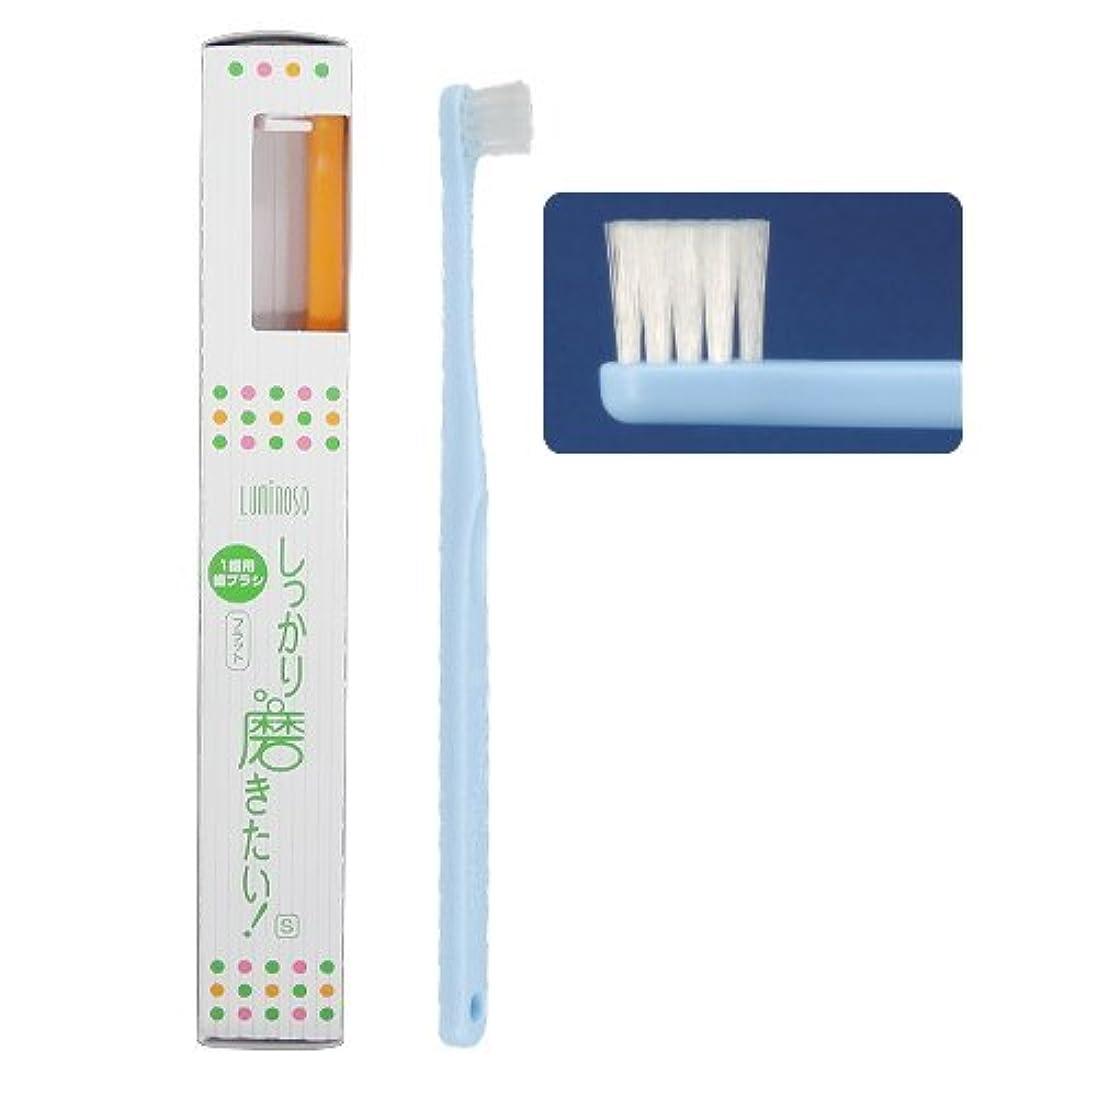 ずっと泥だらけ蓋ルミノソ 1歯用歯ブラシ 「しっかり磨きたい!」 フラット ソフト (カラー指定不可) 3本